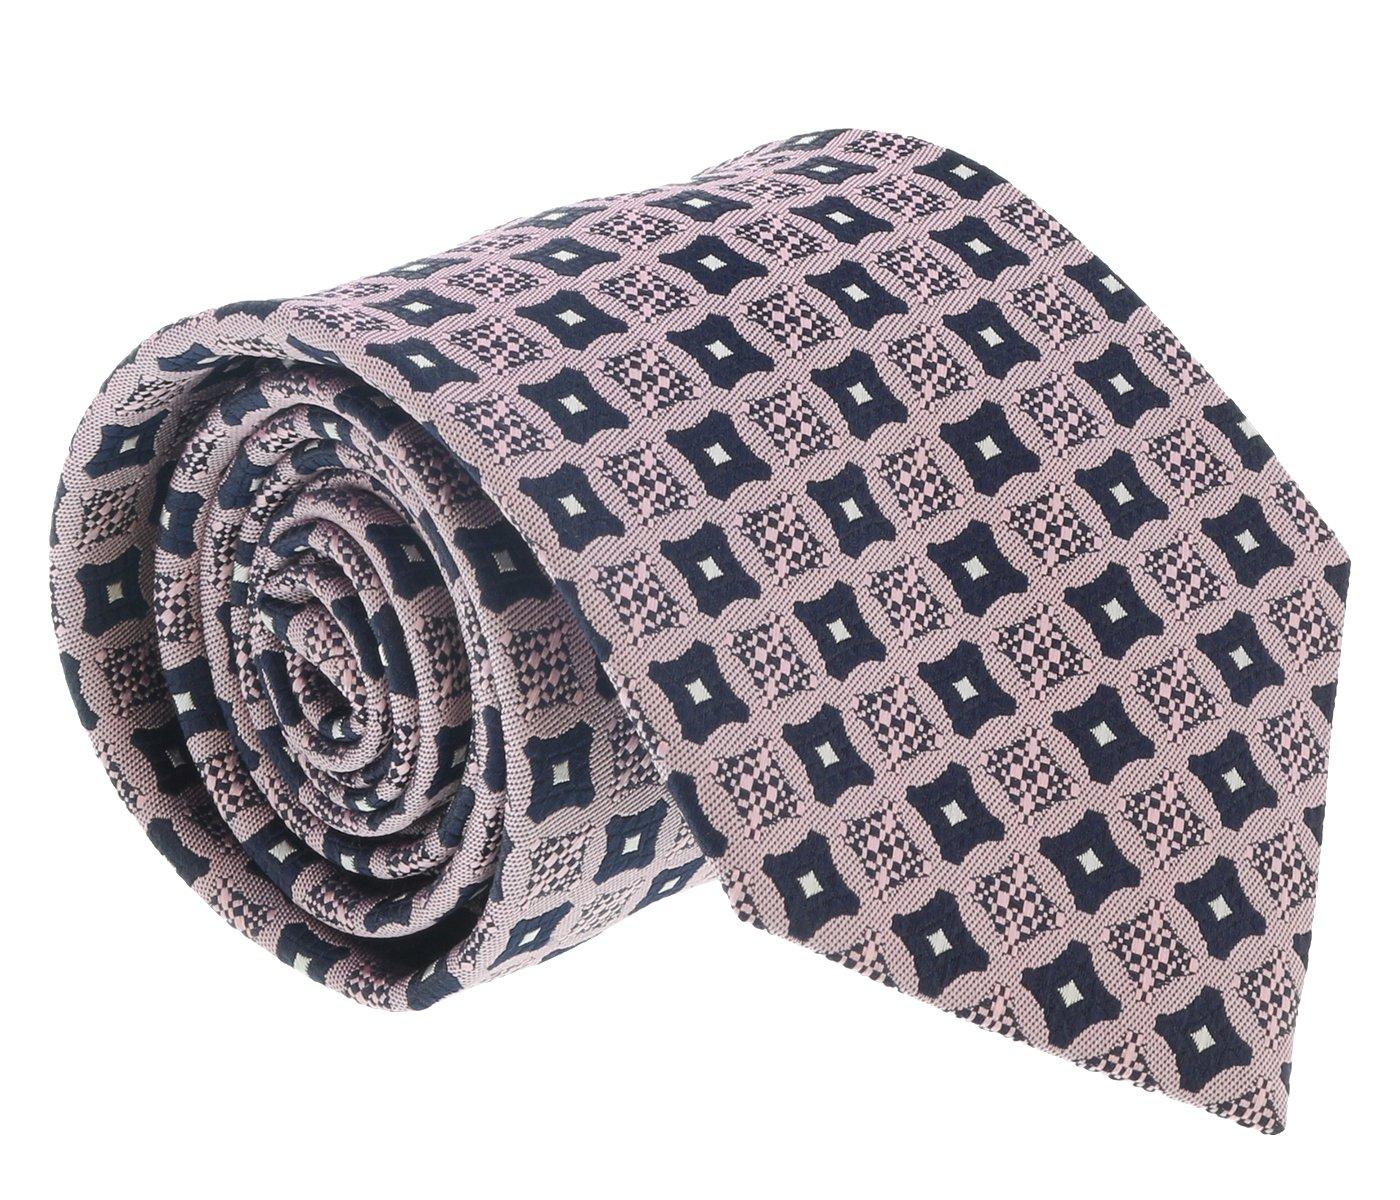 Ermenegildo Zegna Pink-Navy Curved Square Tie for mens